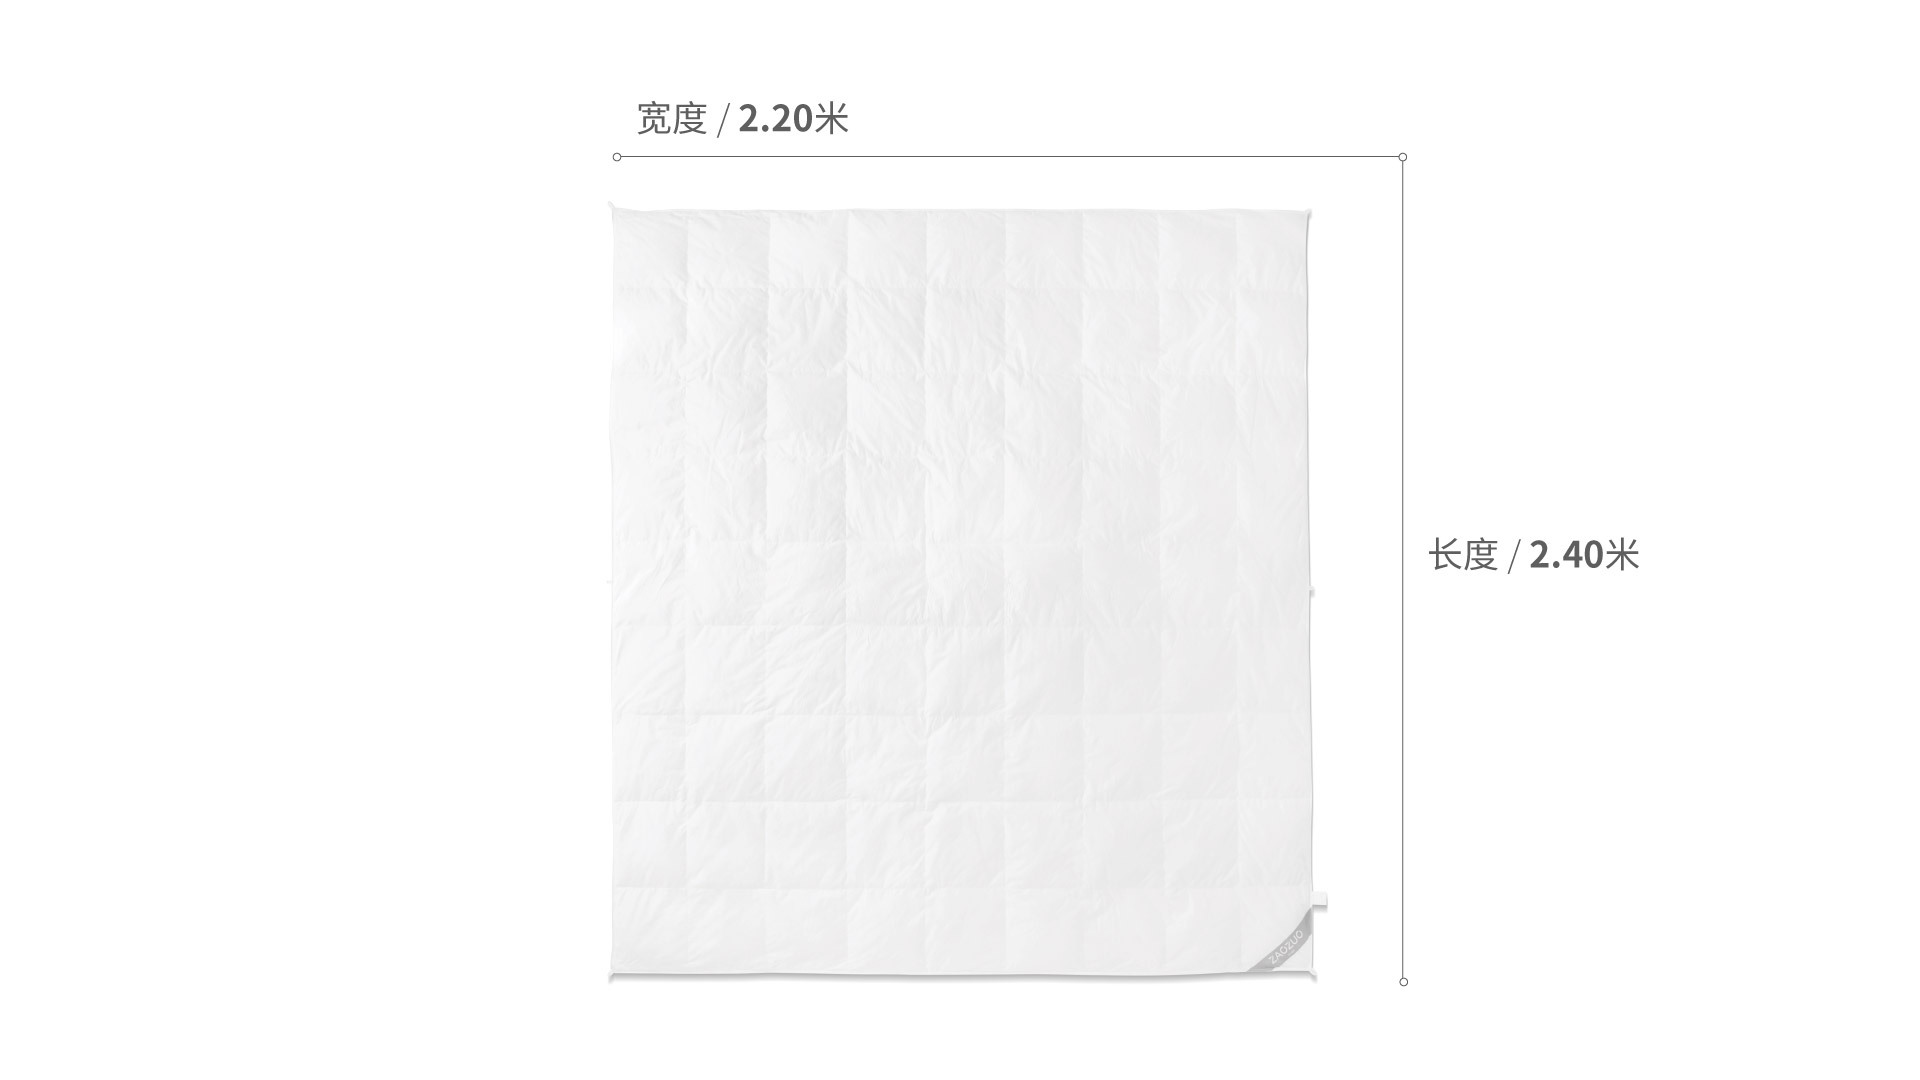 造作有眠™-轻羽被芯(薄被)1.8米床床·床品效果图